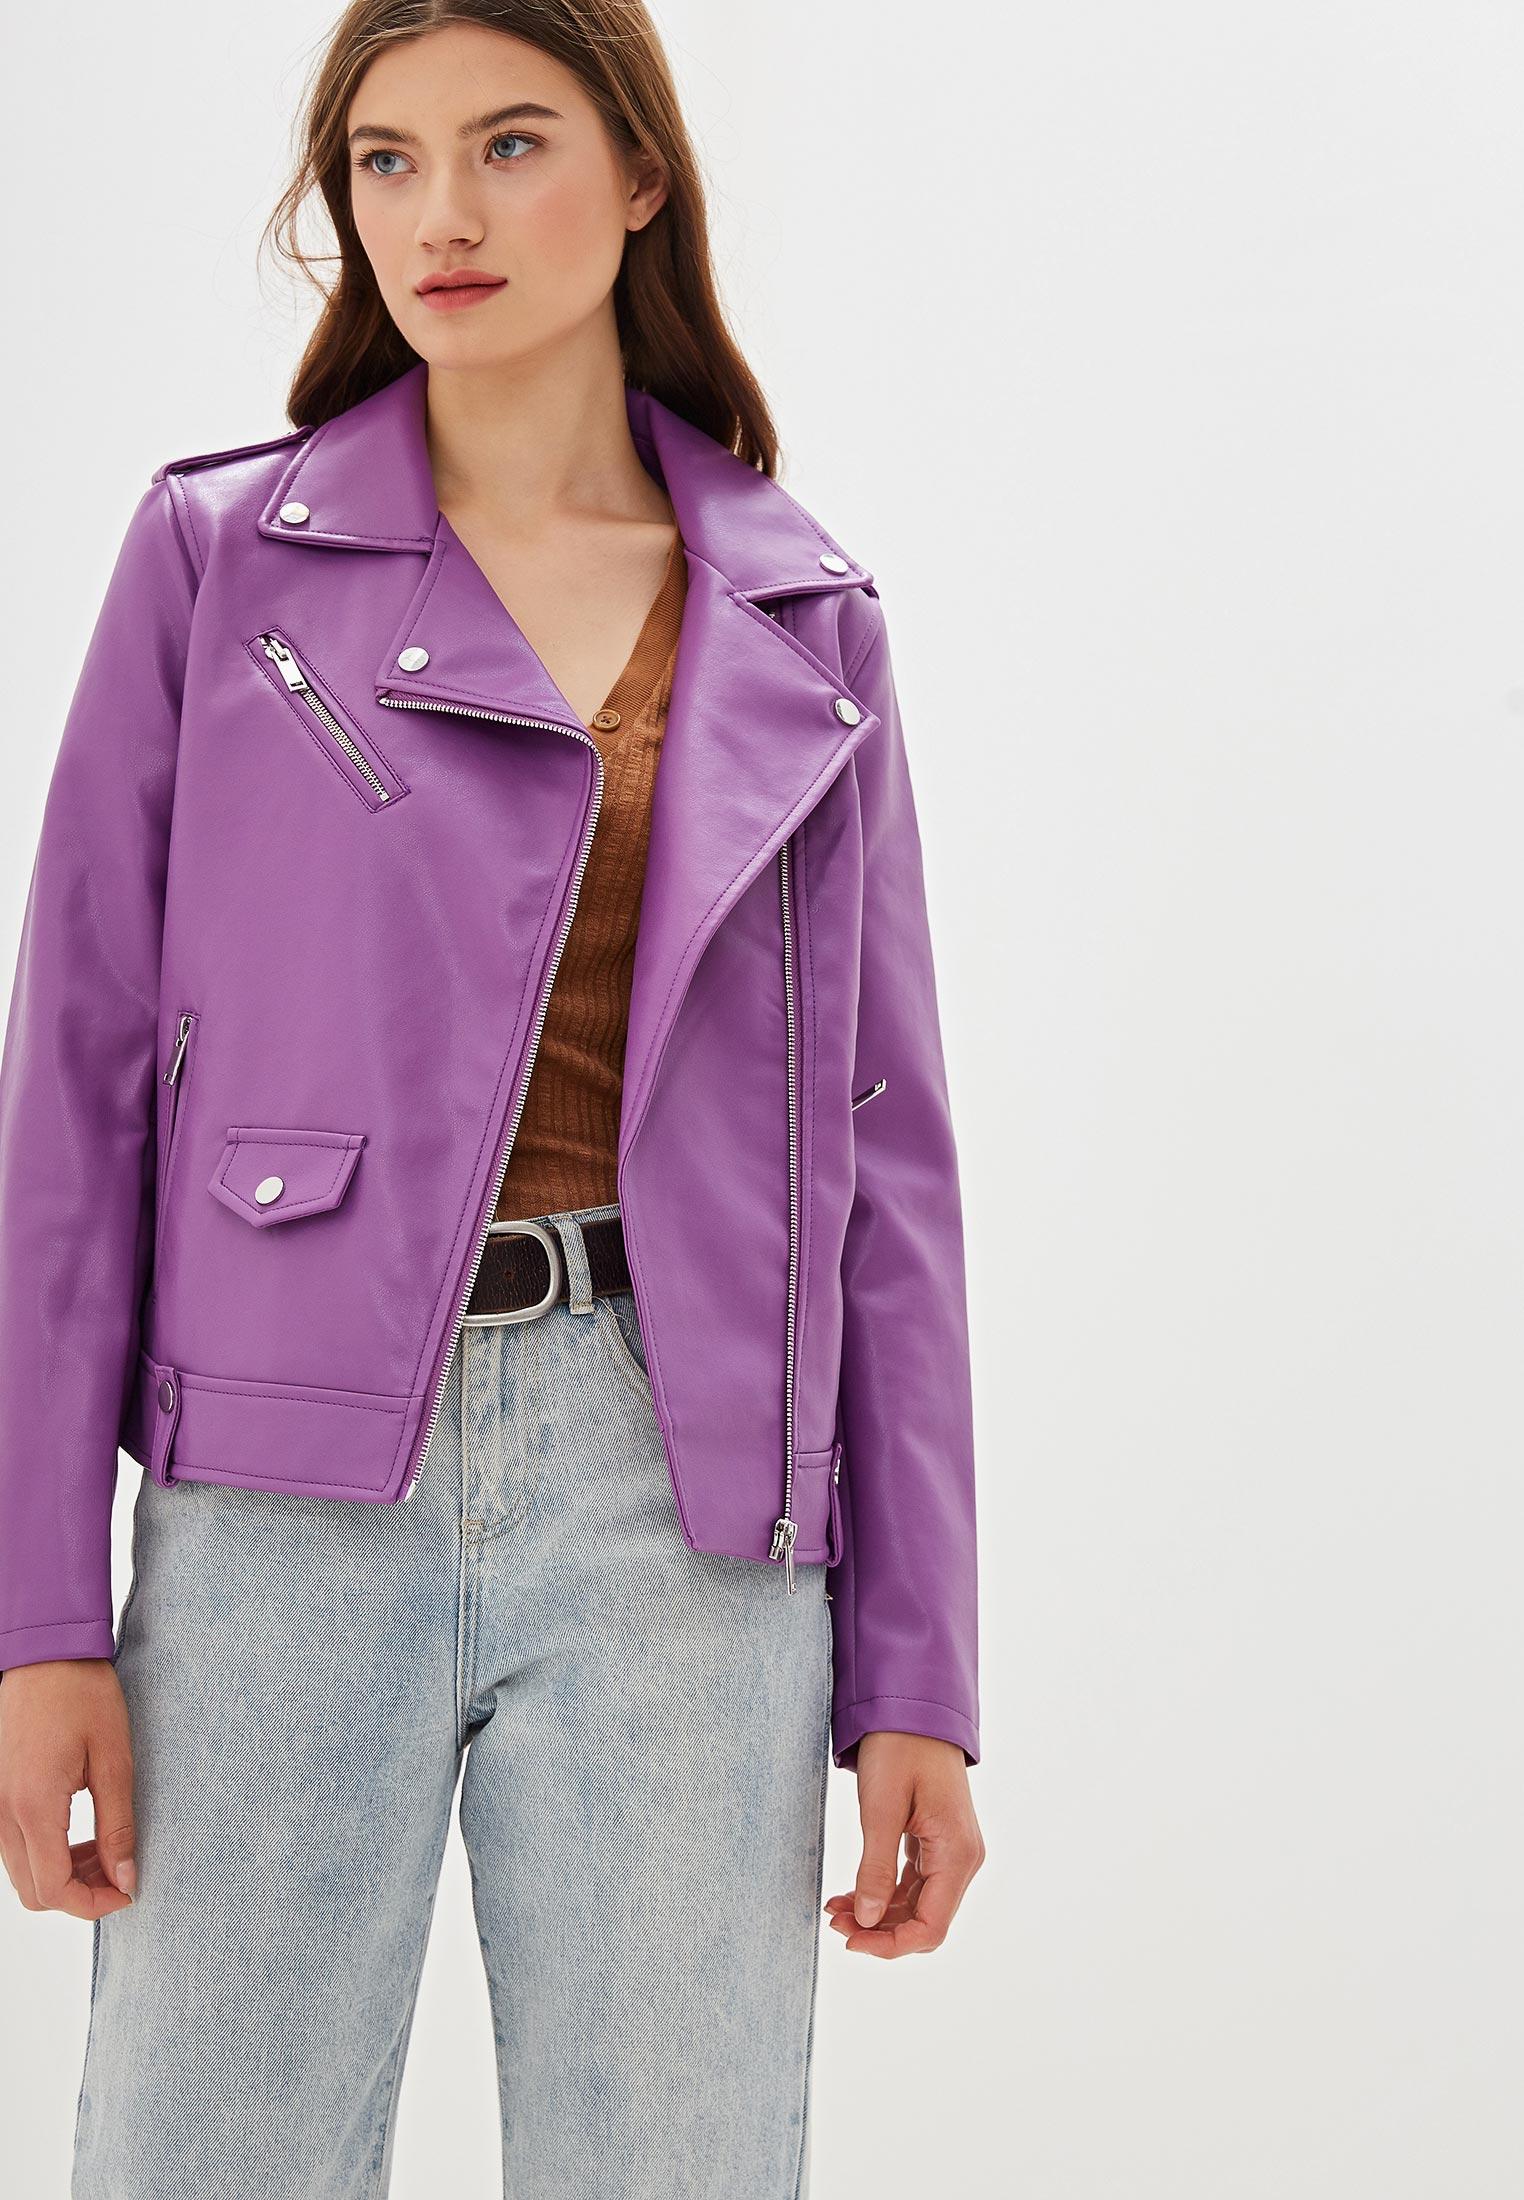 Куртка кожаная, Nice & Chic, цвет: фиолетовый. Артикул: NI031EWEKXG9. Одежда / Верхняя одежда / Косухи